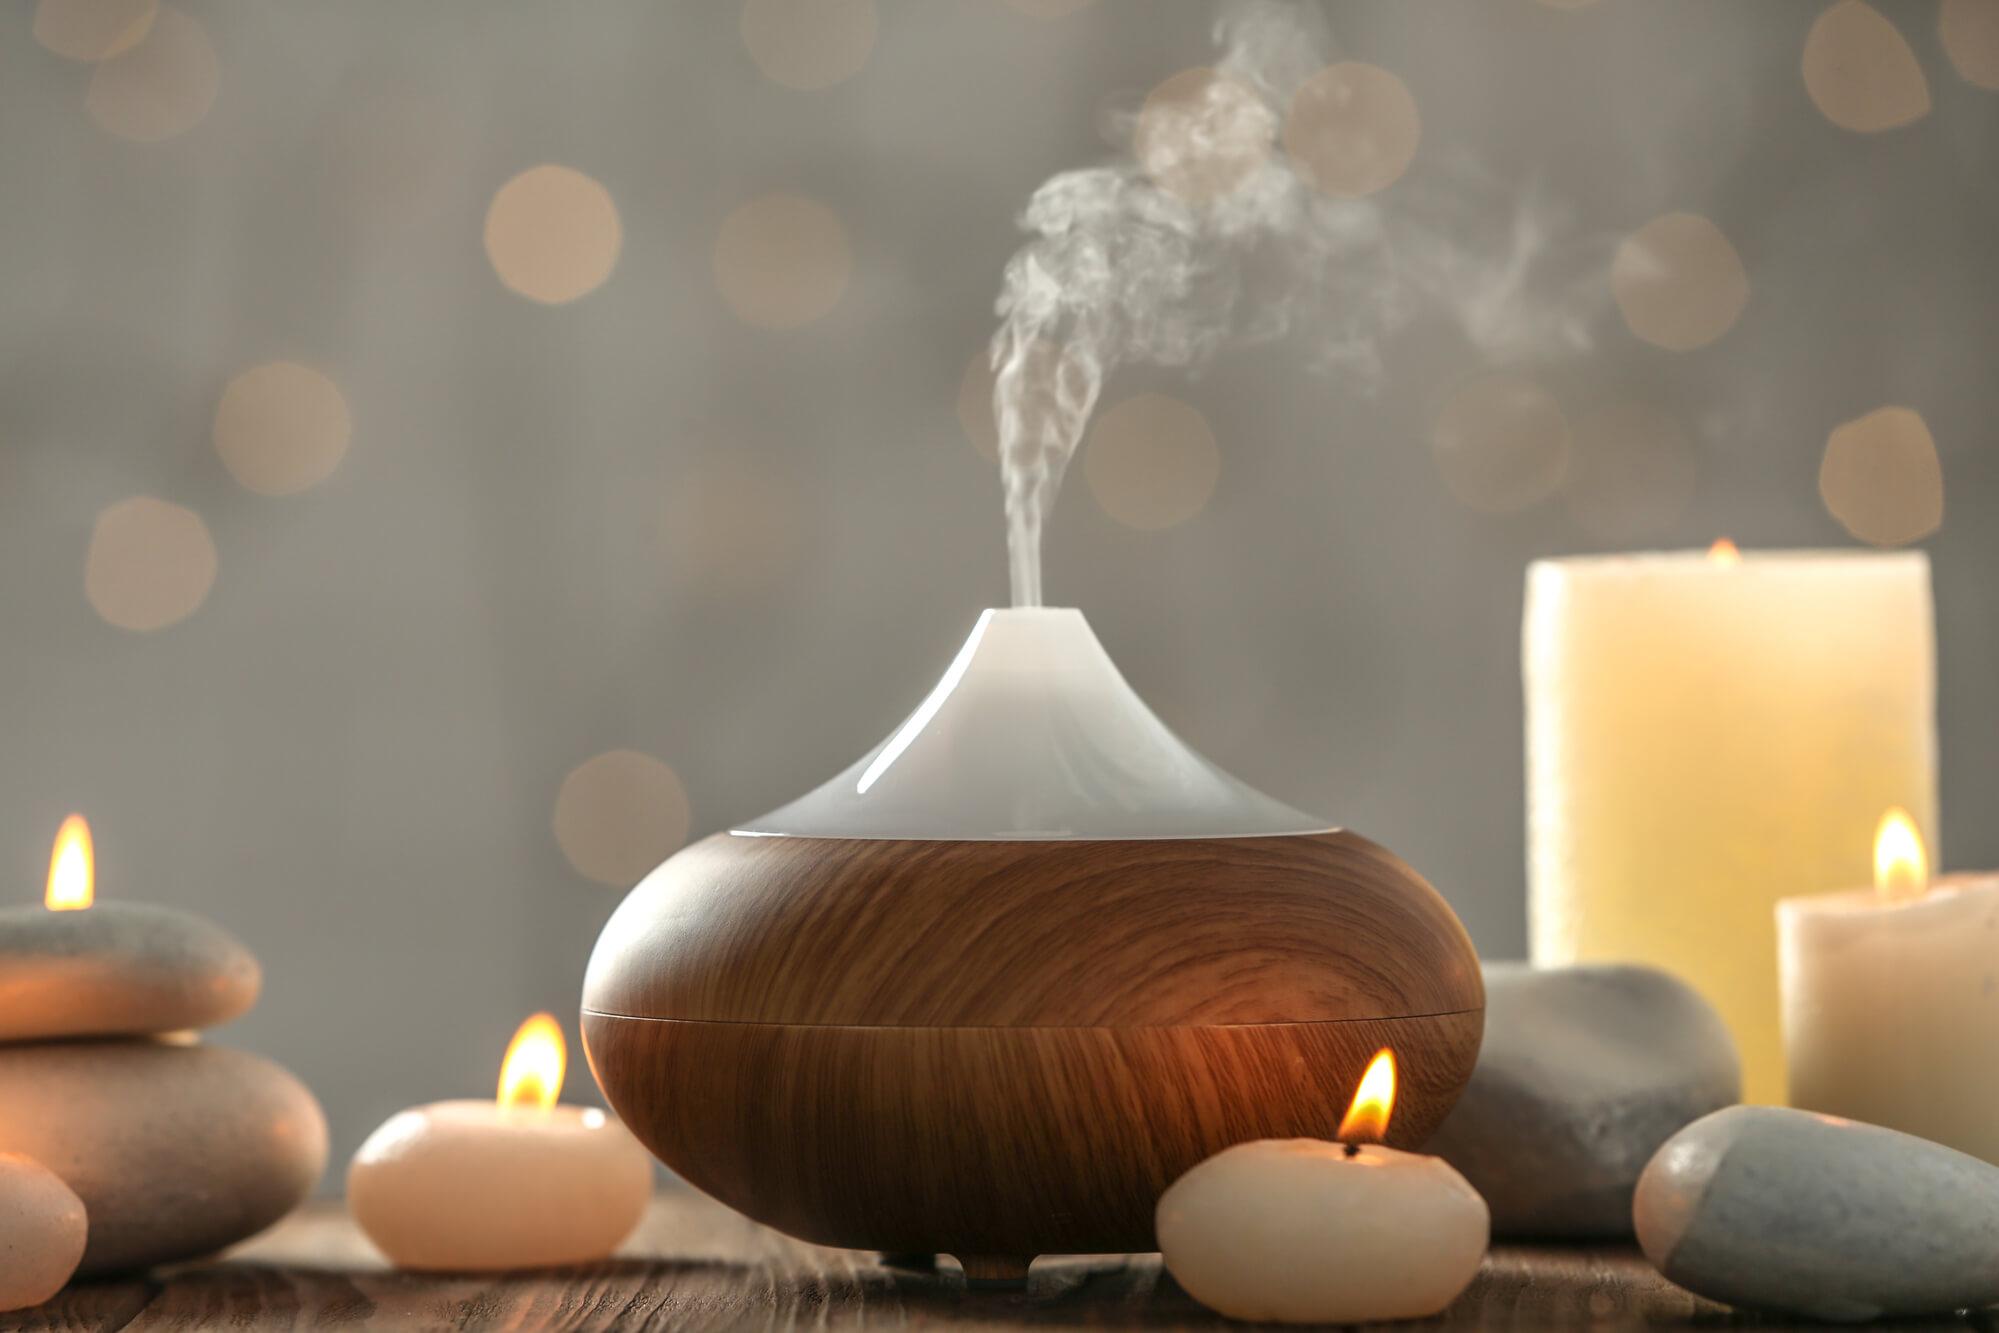 olielampe diffuser aromaterapi